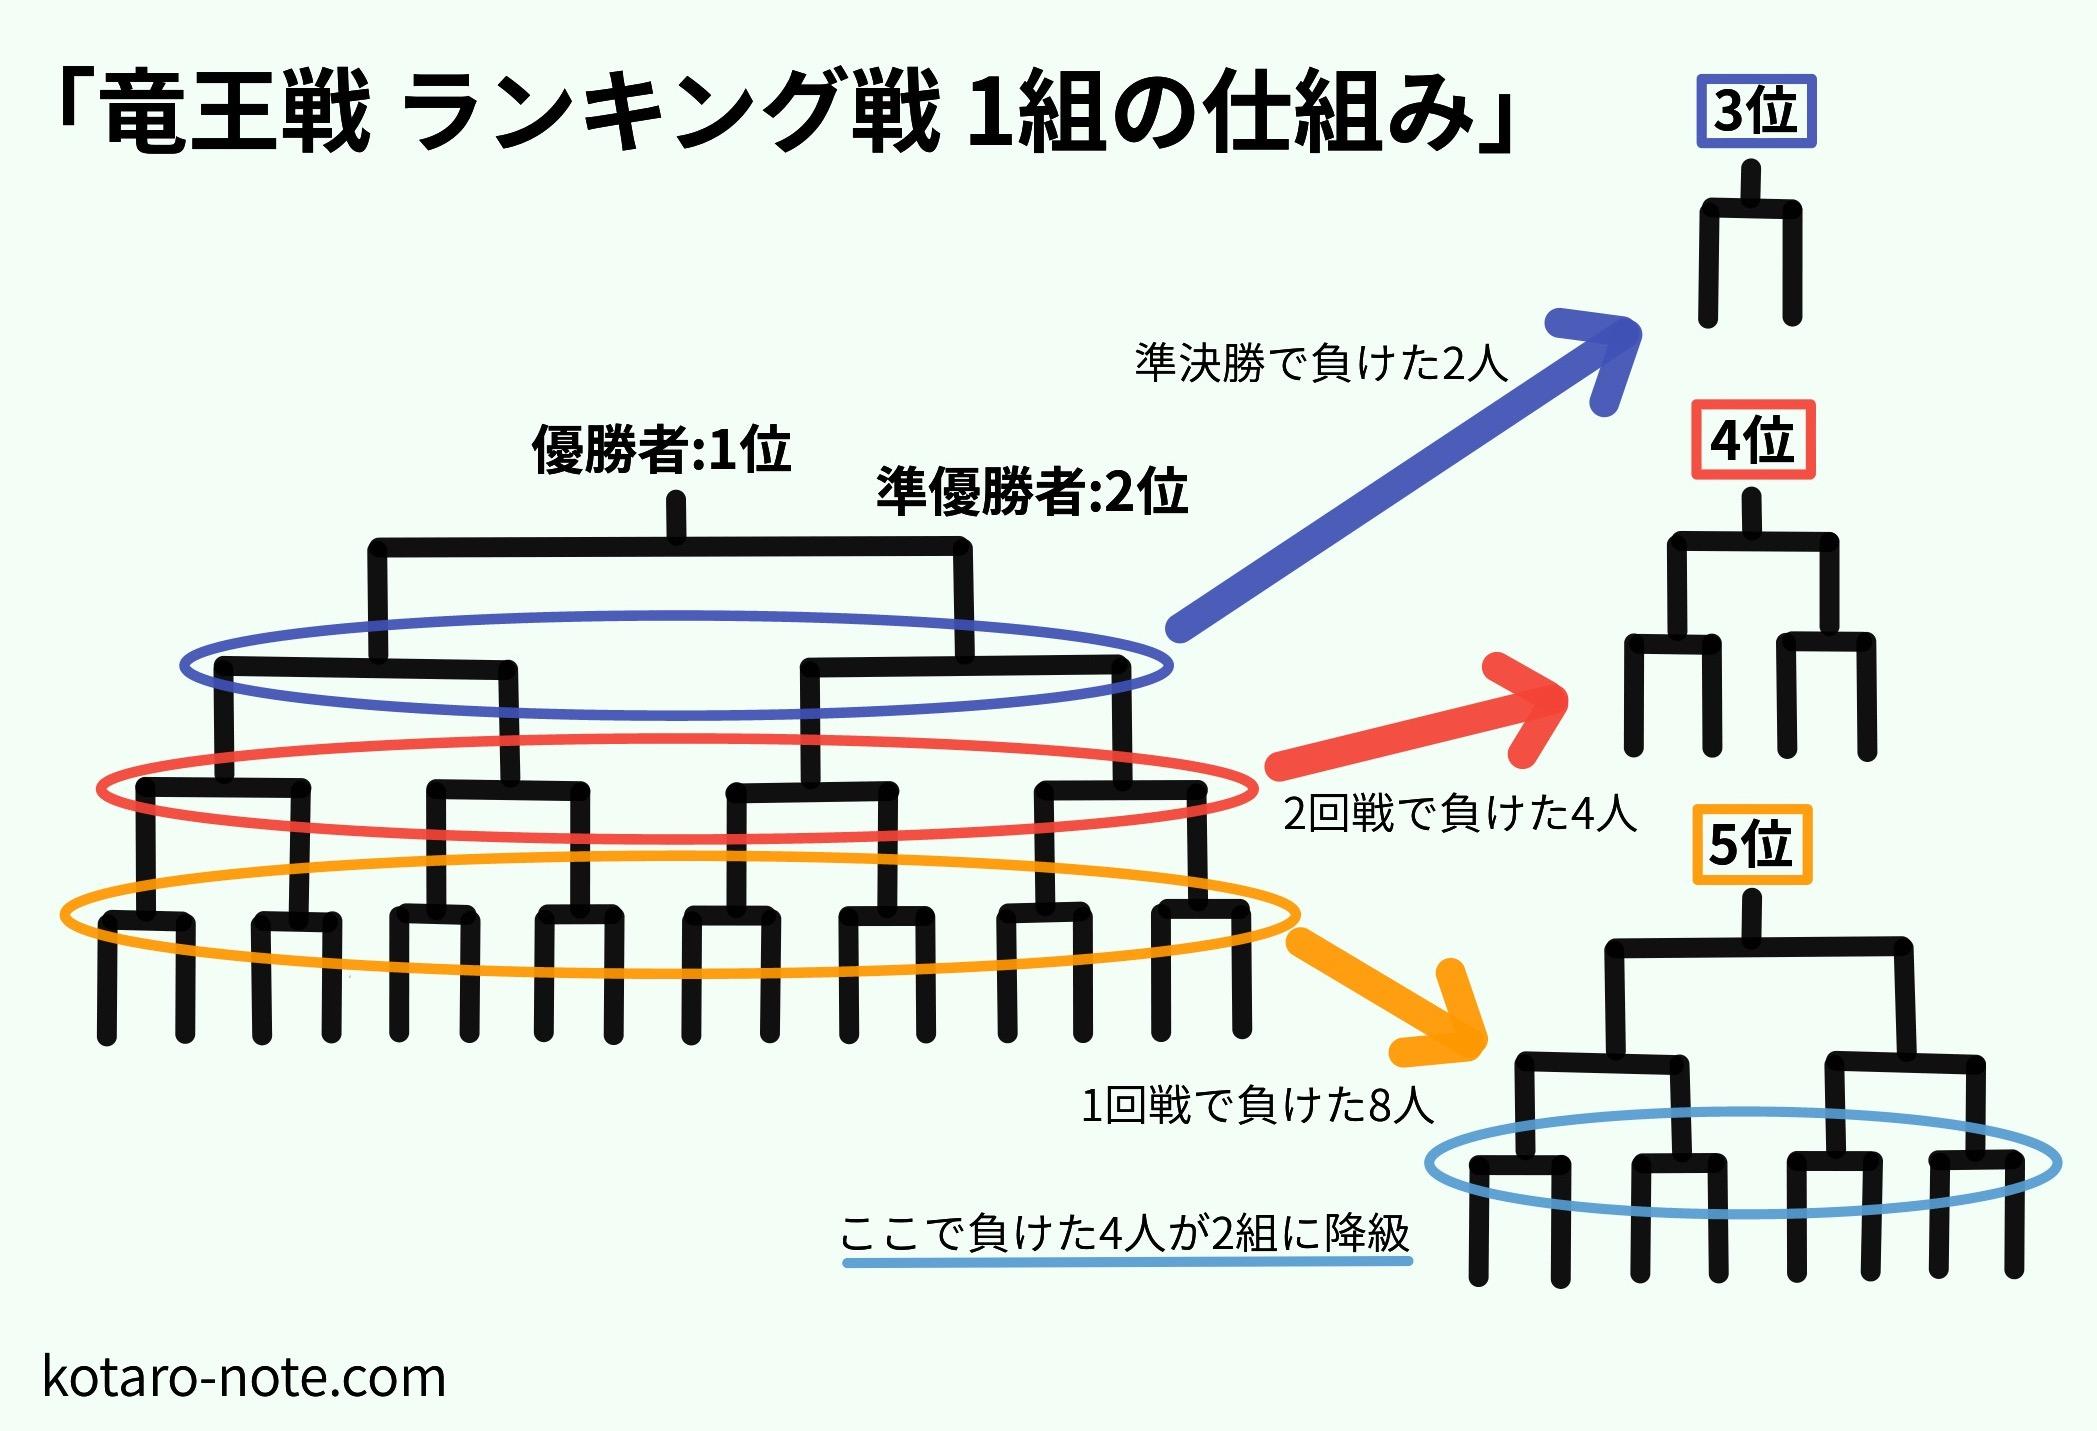 竜王戦ランキング戦1組の独特な仕組み~羽生善治九段も「被害者」に ...